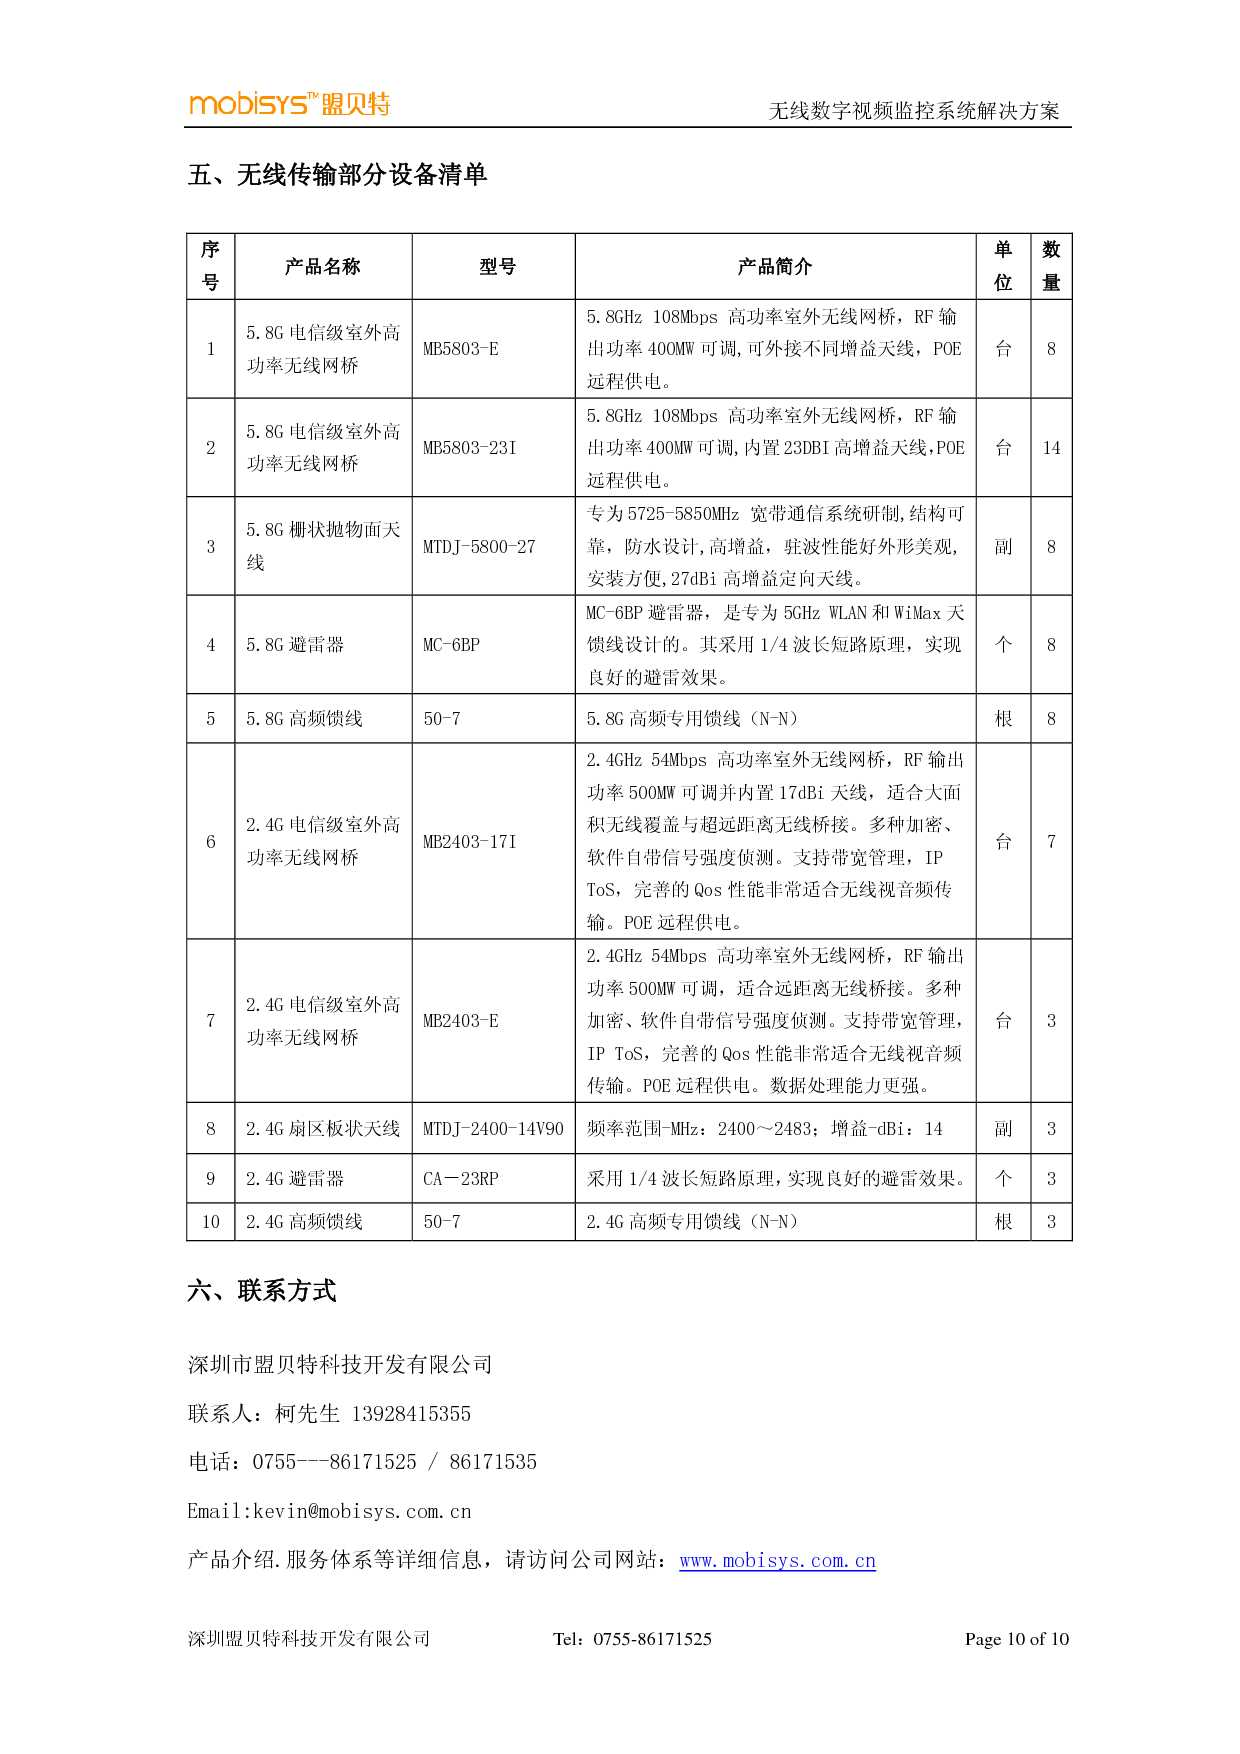 哈尔滨九站无线视频公园视频监控系统数字饭日本图片